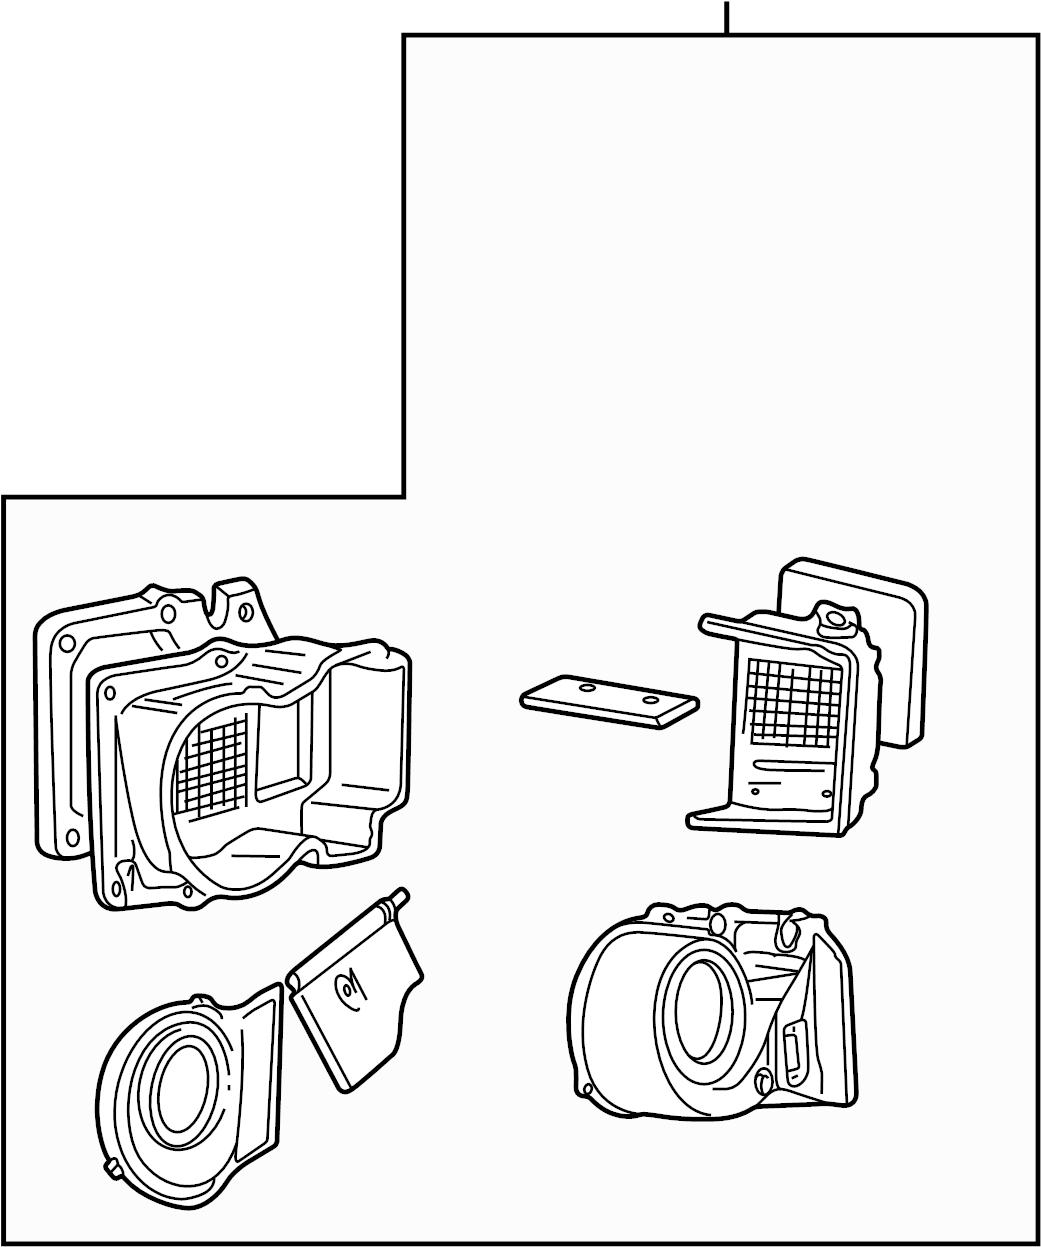 5c3z19b555ba